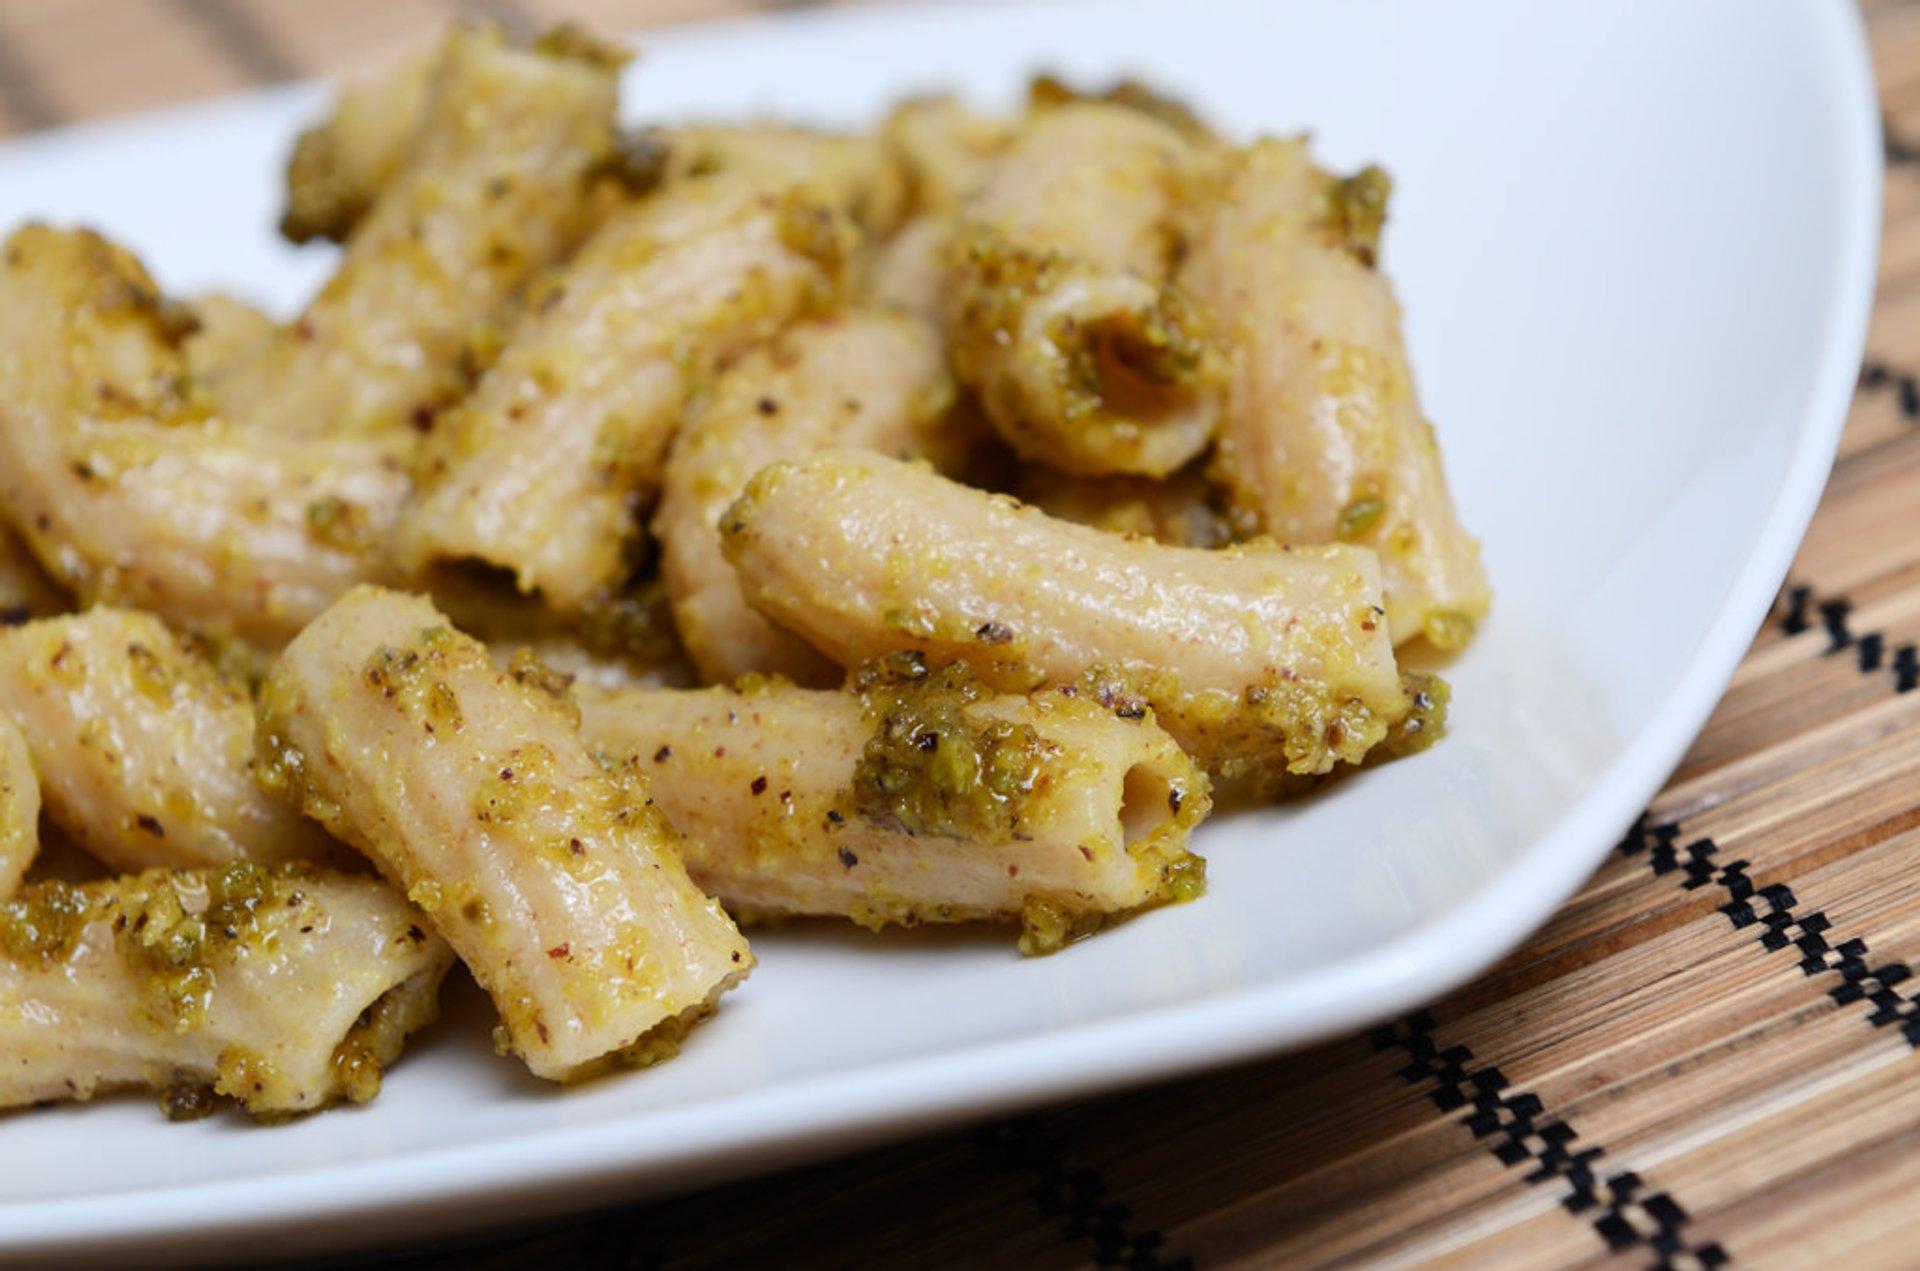 Pasta with pesto of pistachio 2019